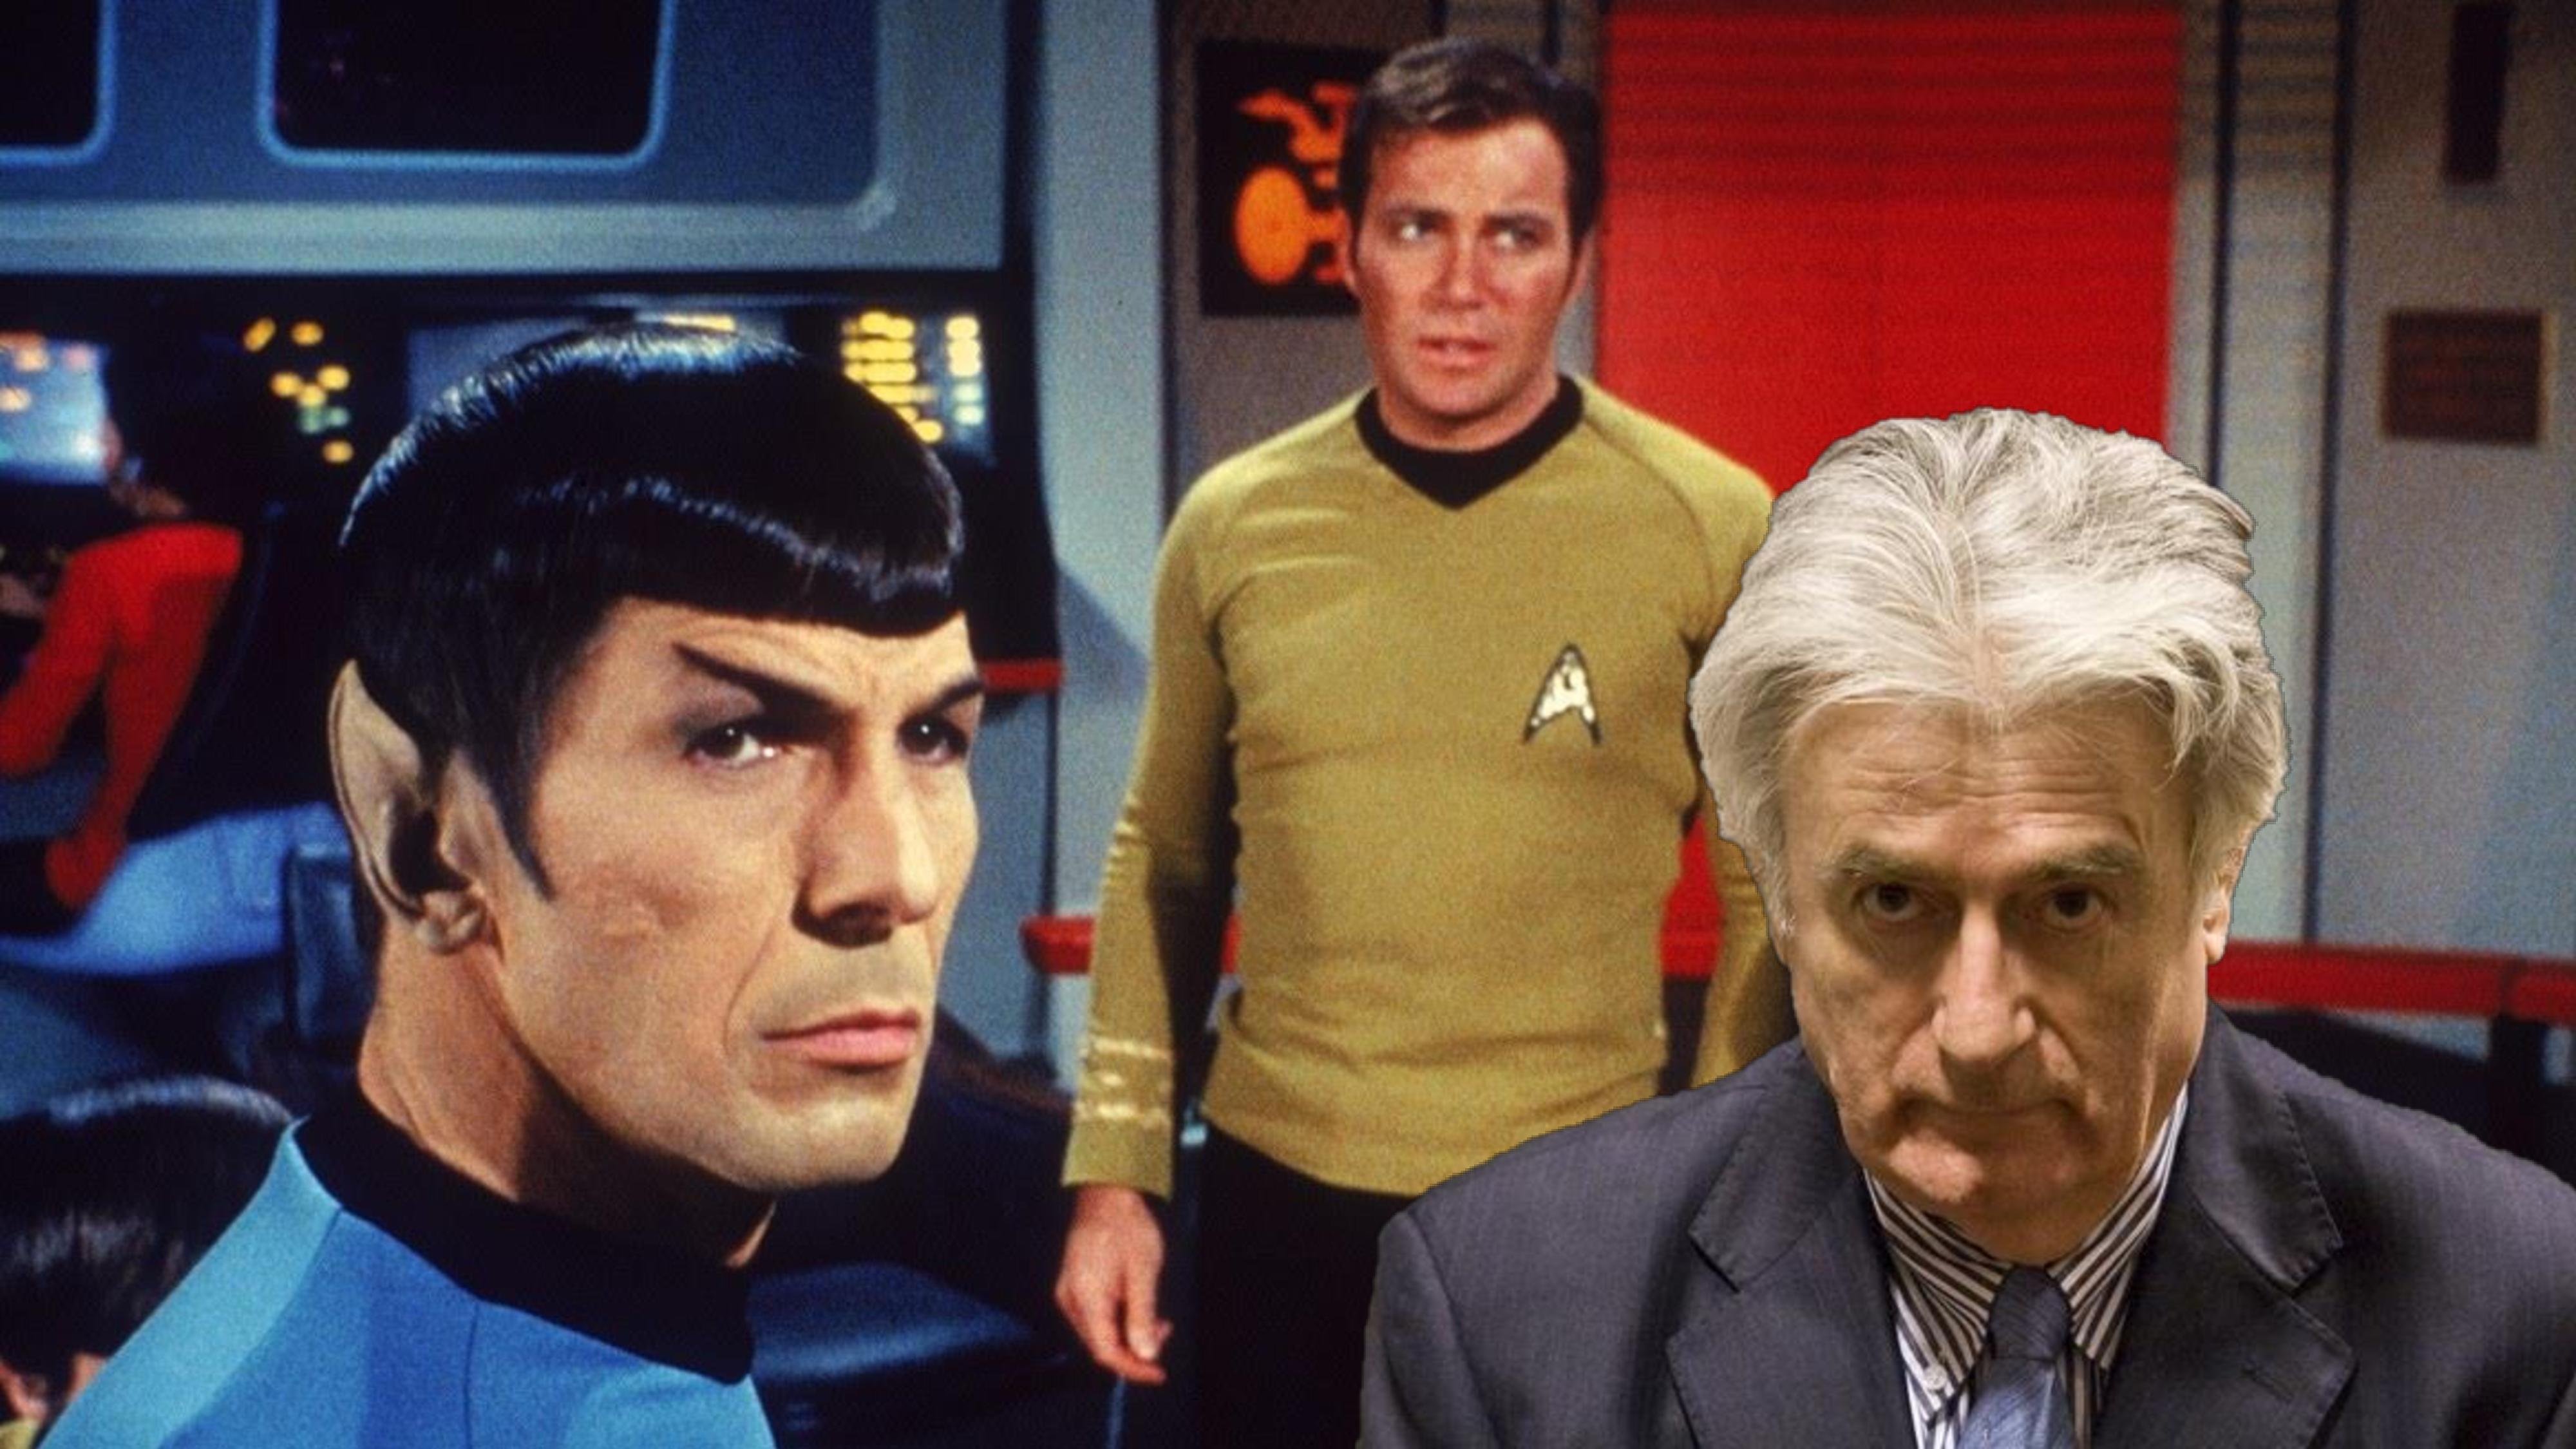 Šta bi bilo da se Karadžić pojavio kao lik u Star Treku?